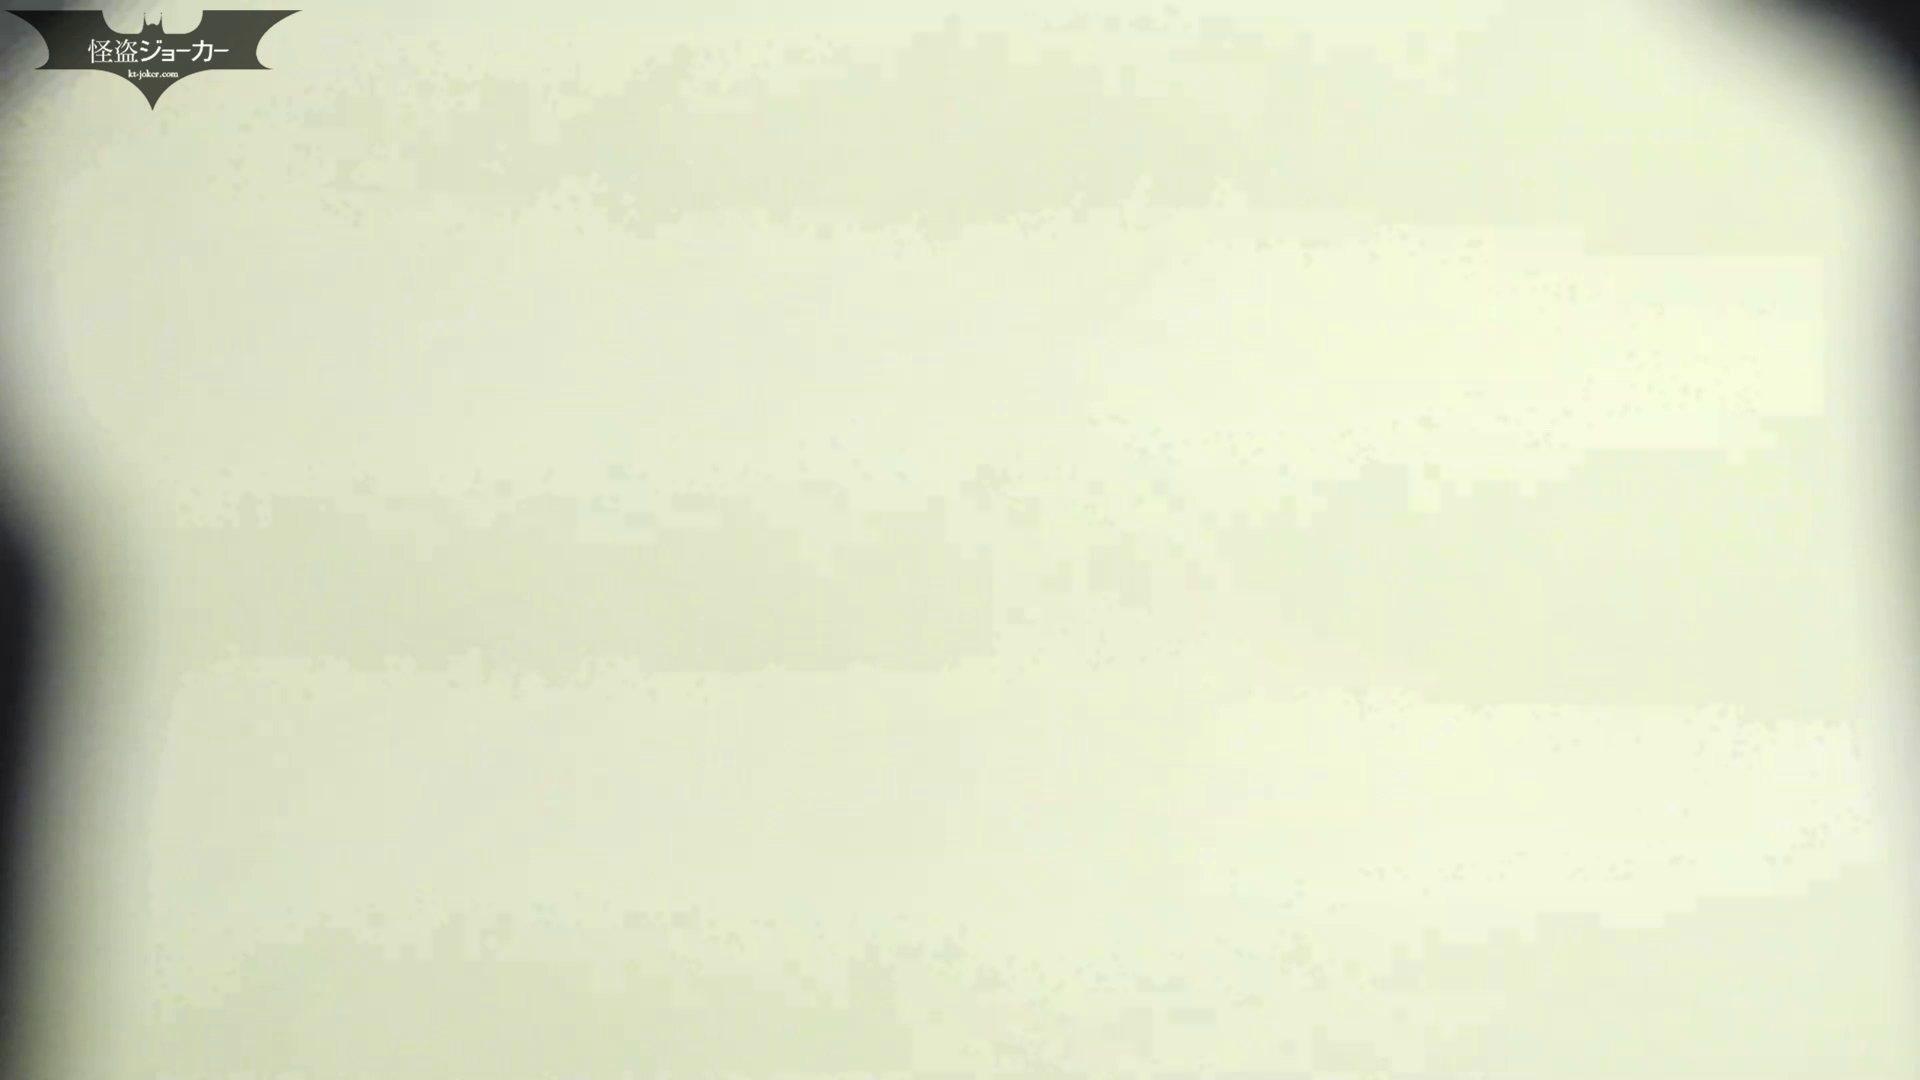 洗面所特攻隊 vol.047 モリモリ、ふきふきにスーパーズーム! OLの実態   洗面所  63pic 15